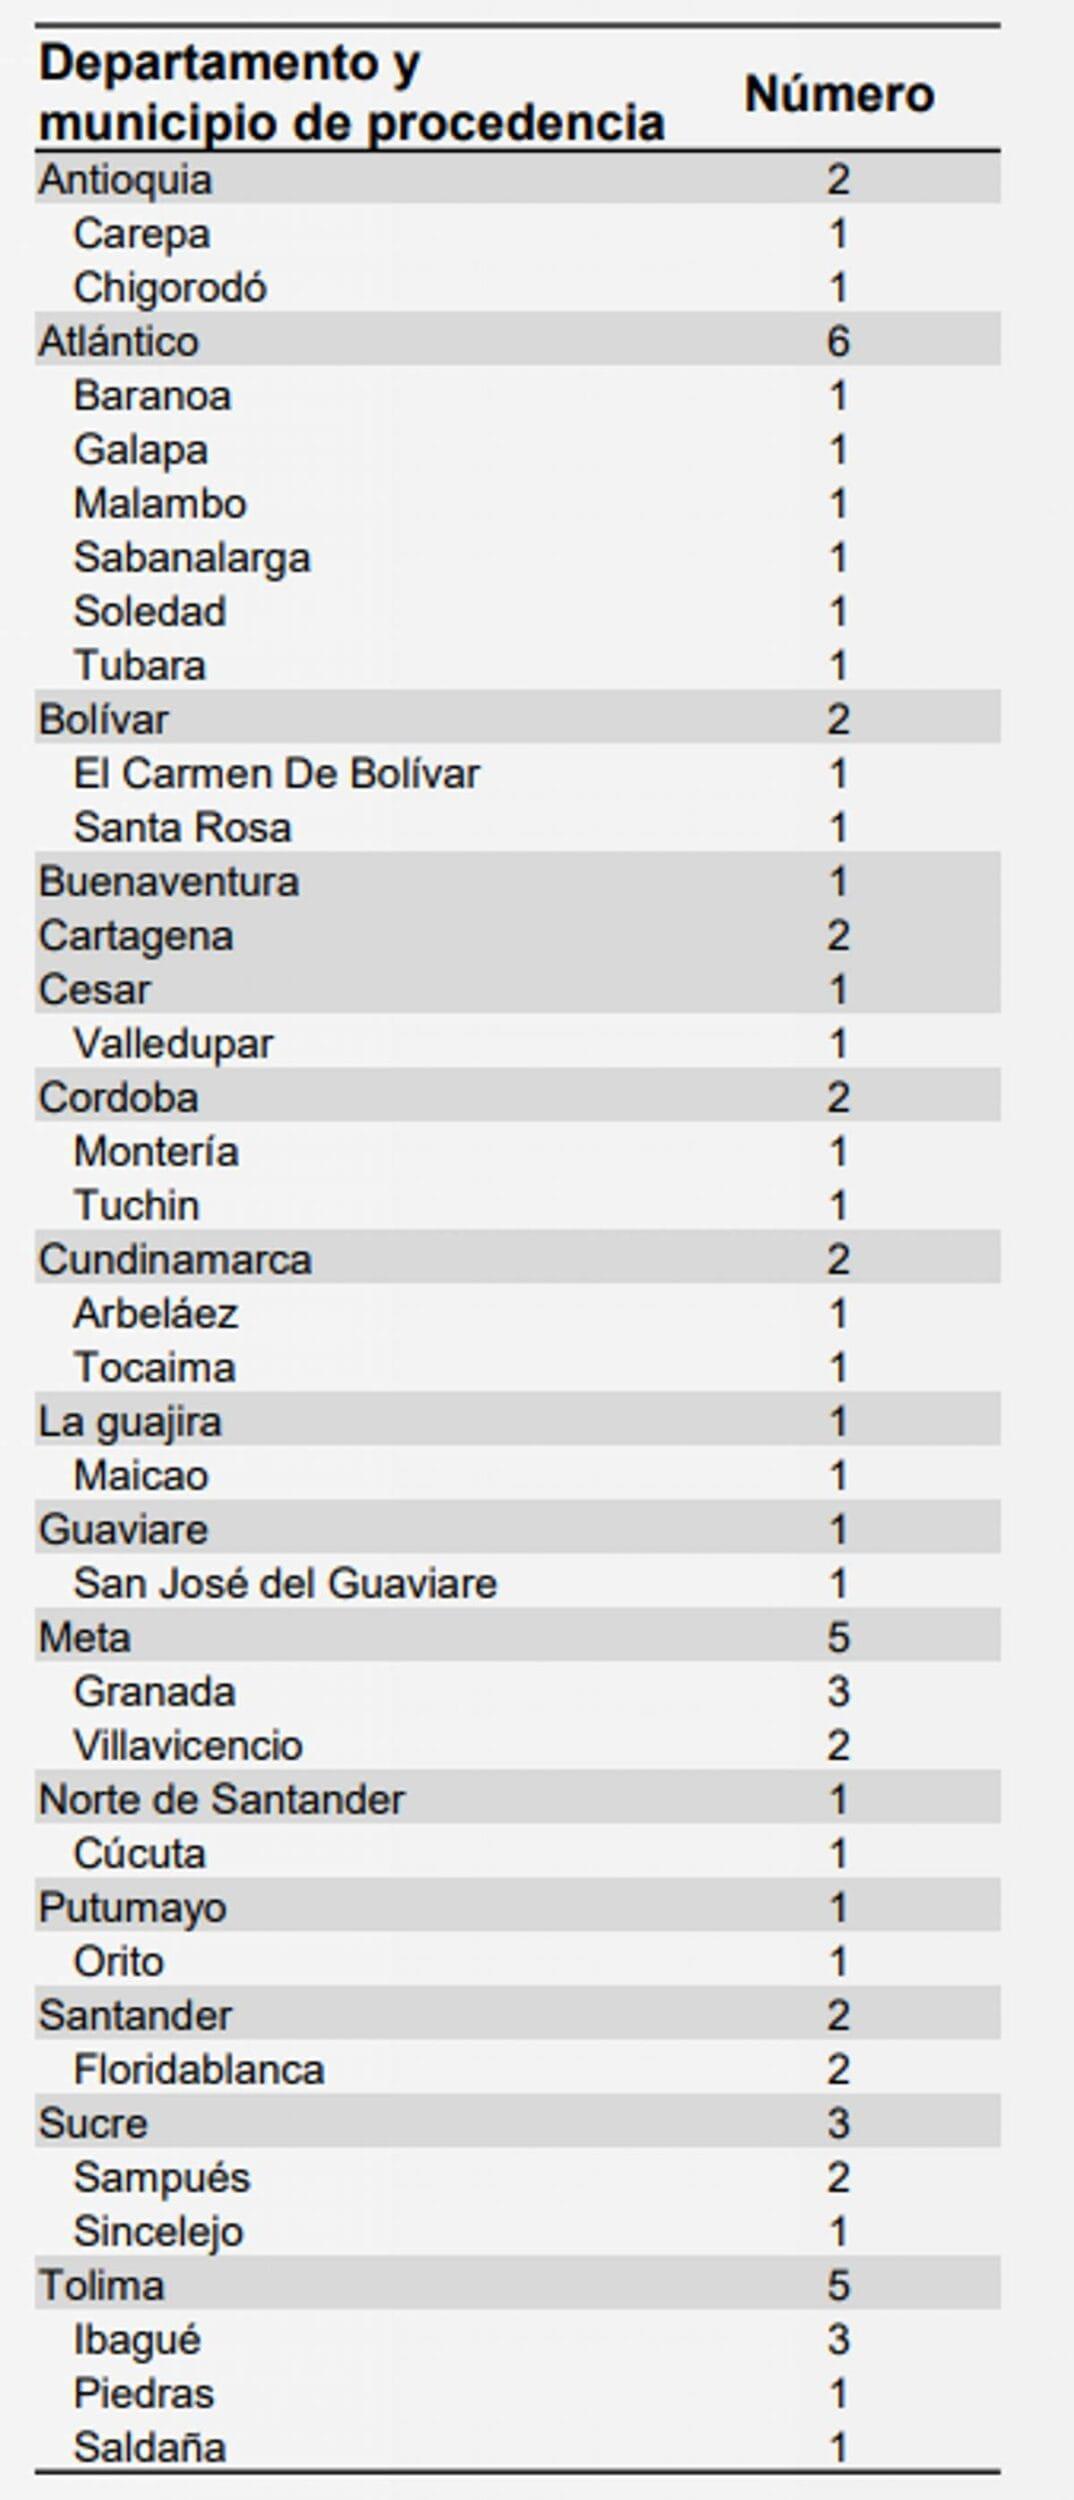 muertes_probables_por_dengue_colombia_2019